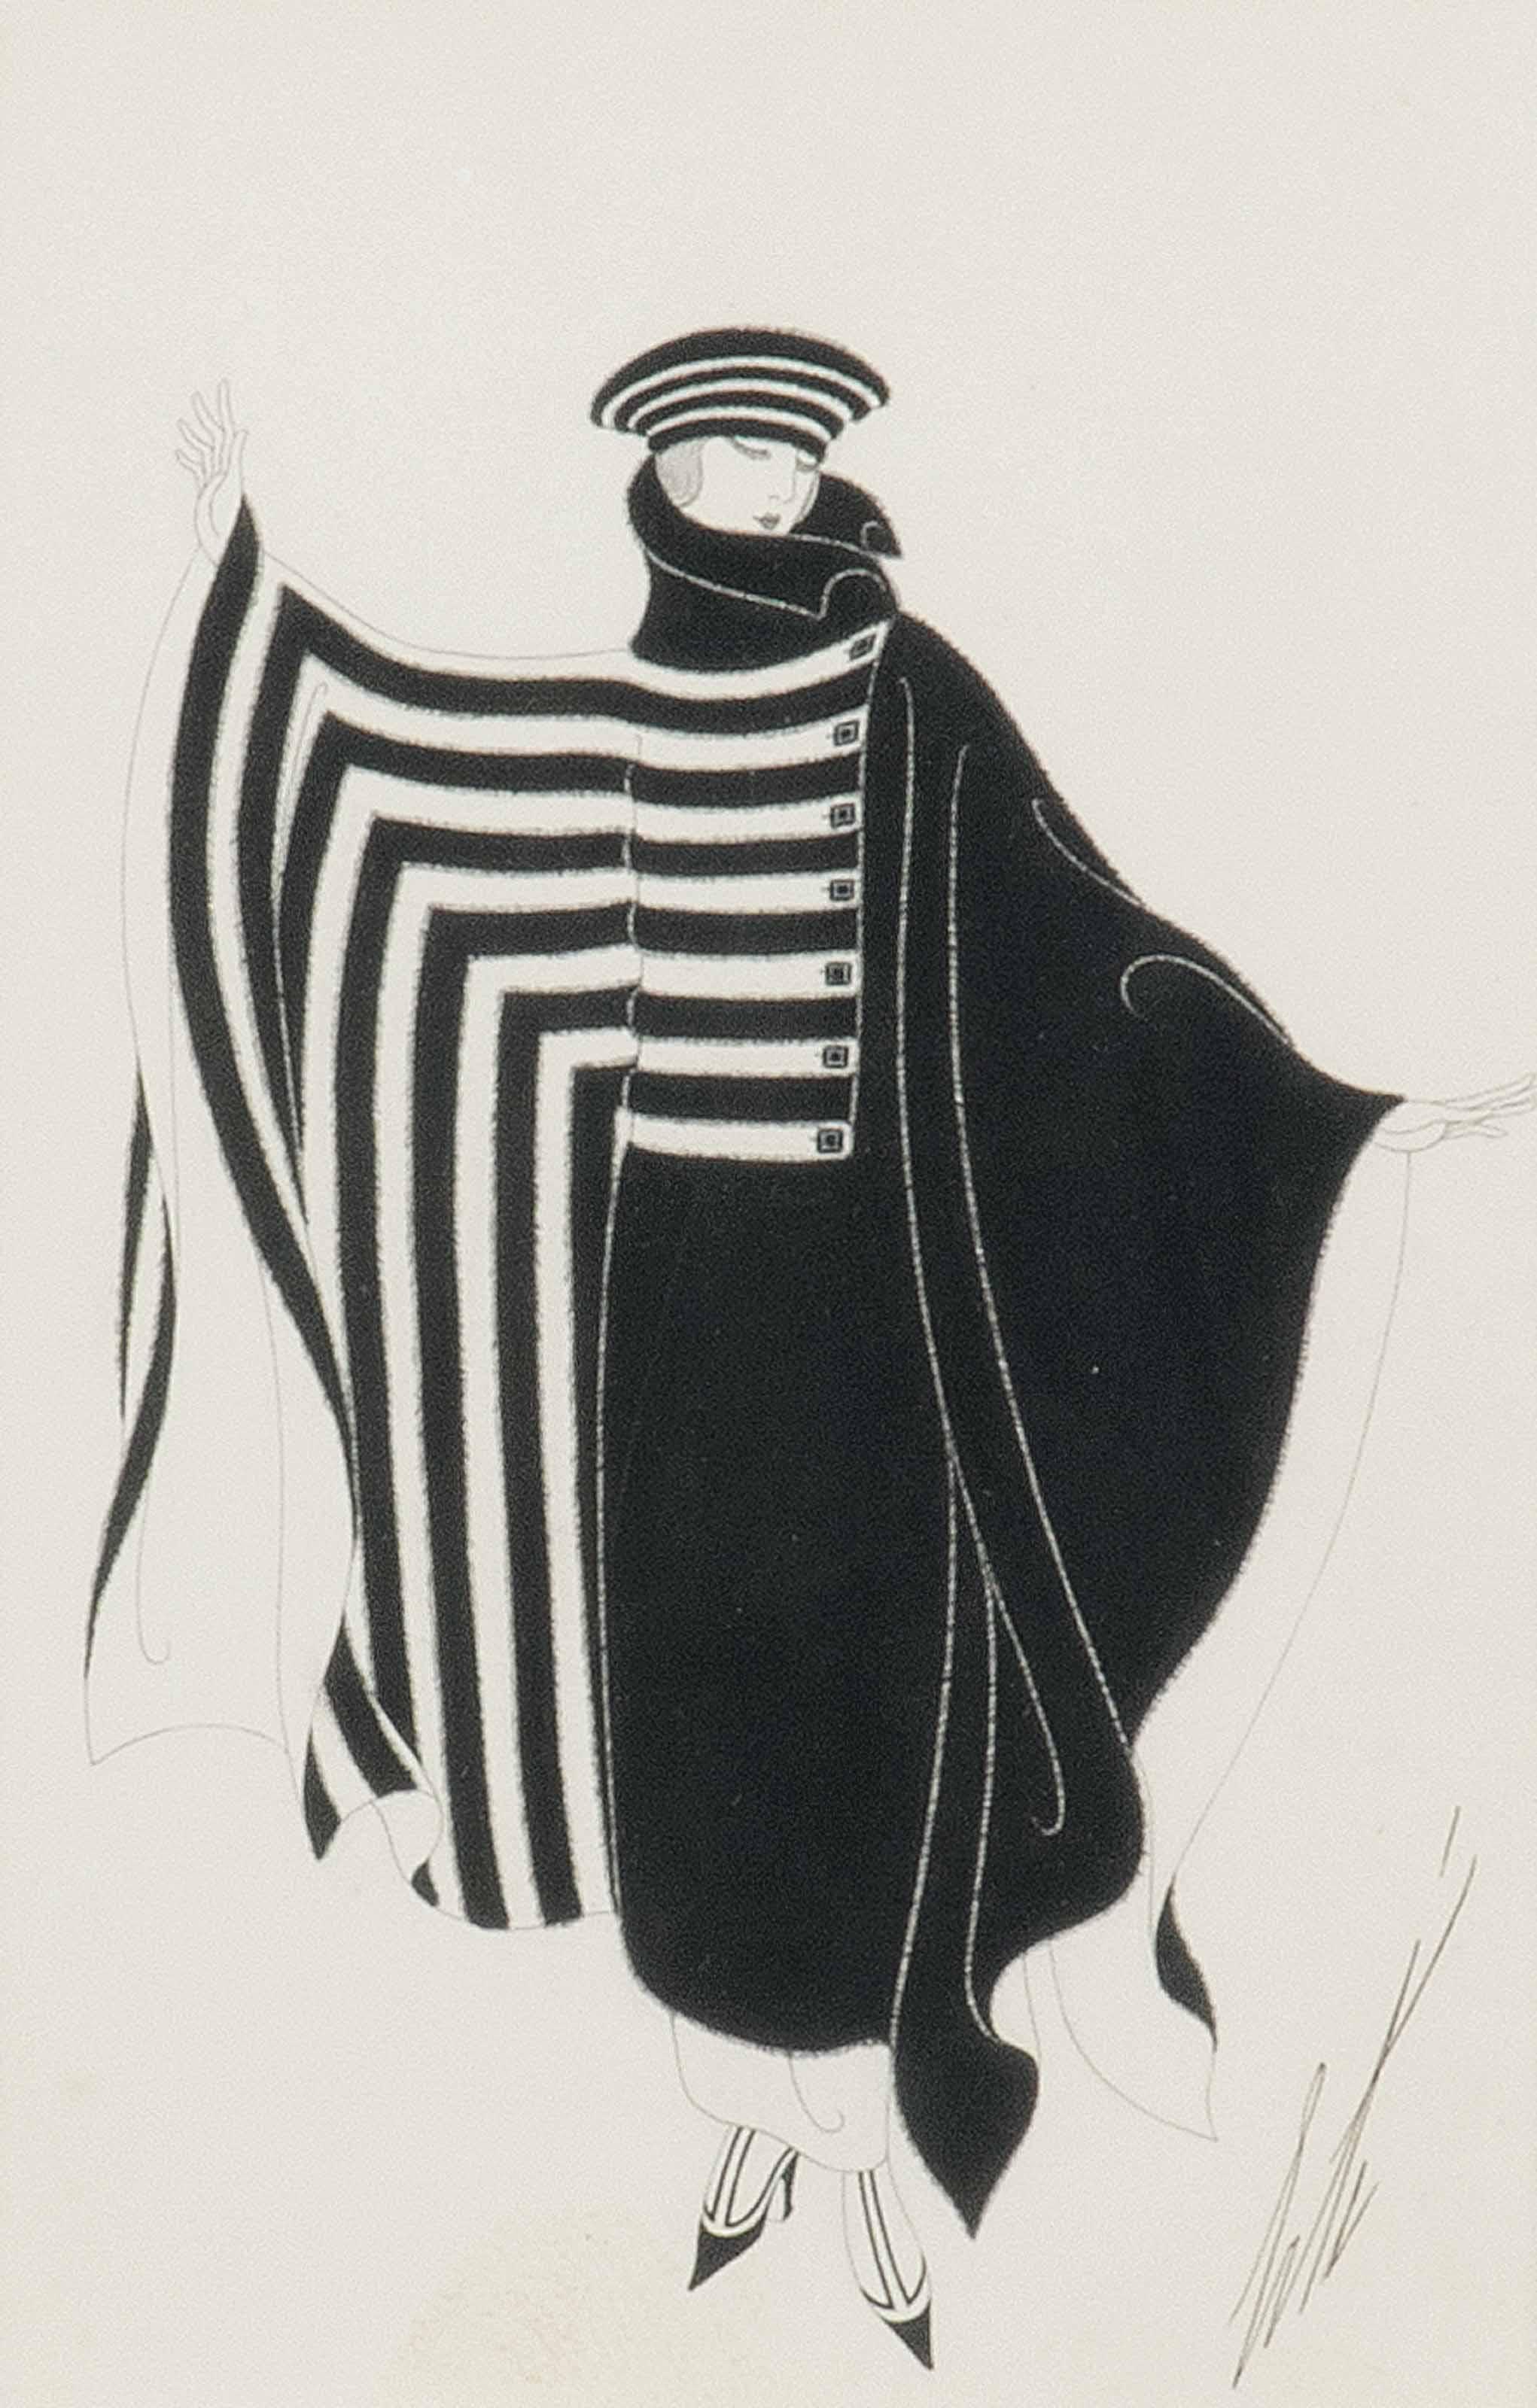 'Le manteau' - A fashion design